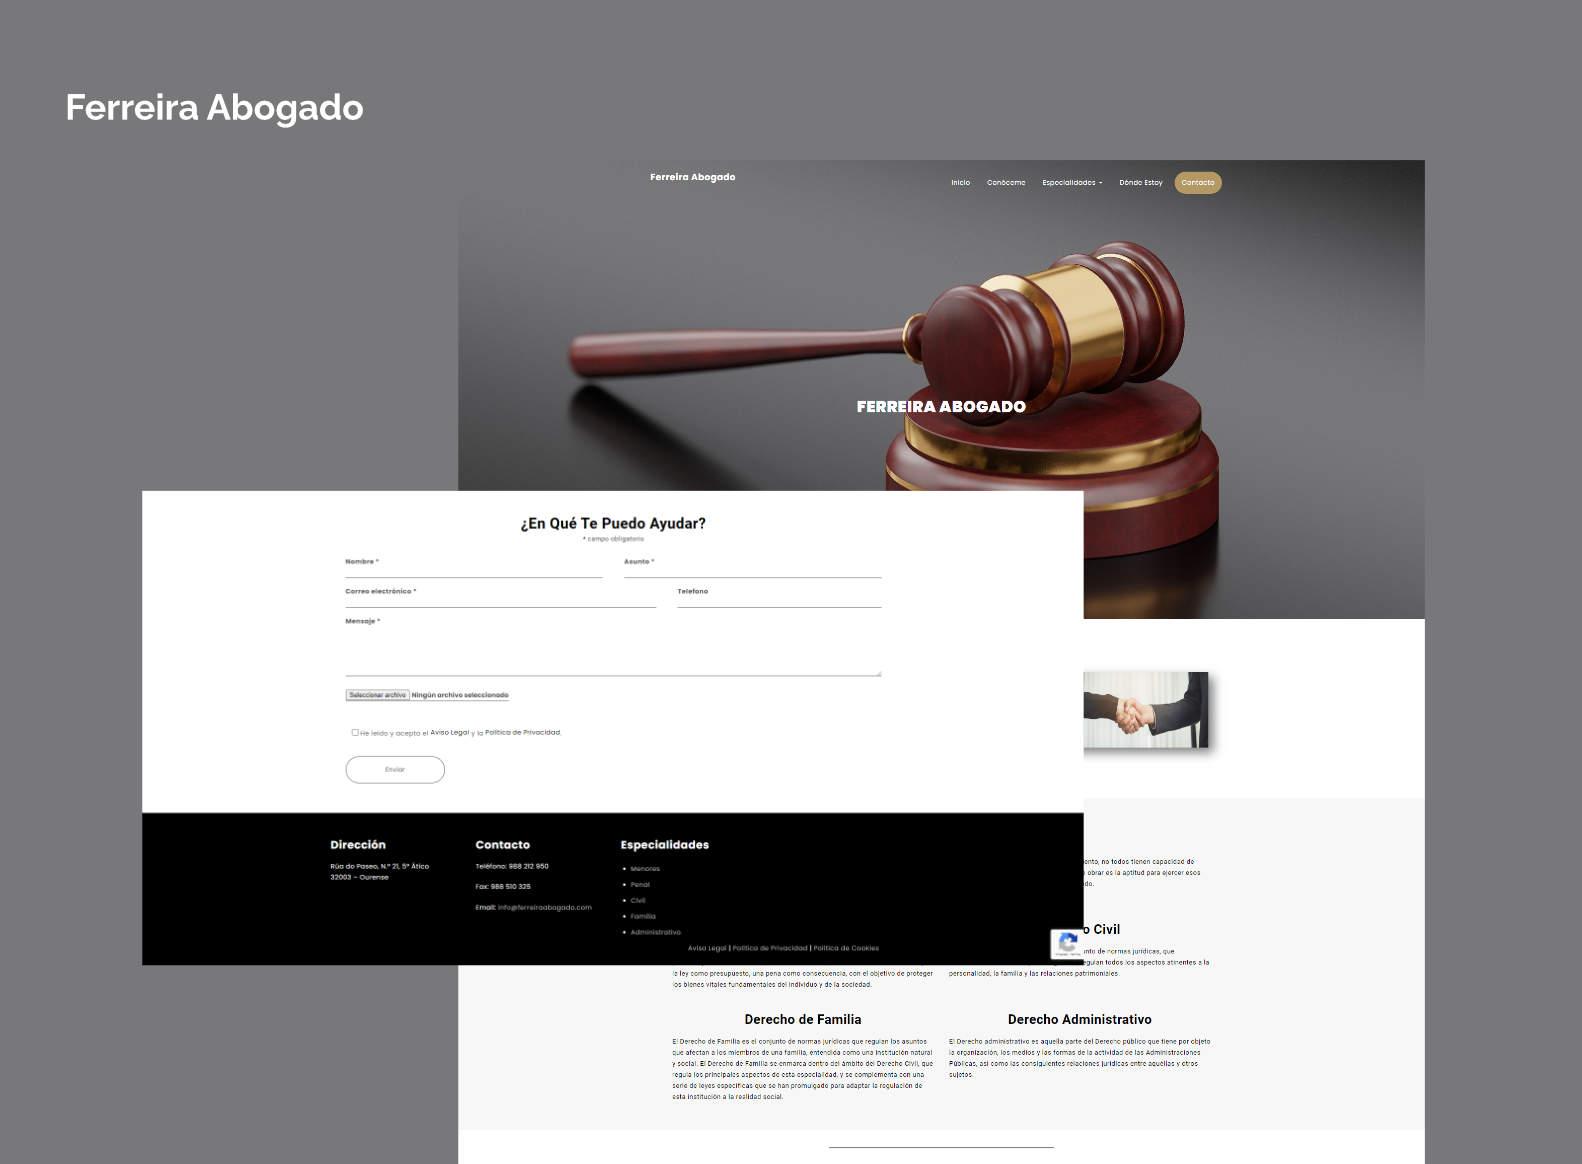 proyecto_ferreira_abogados